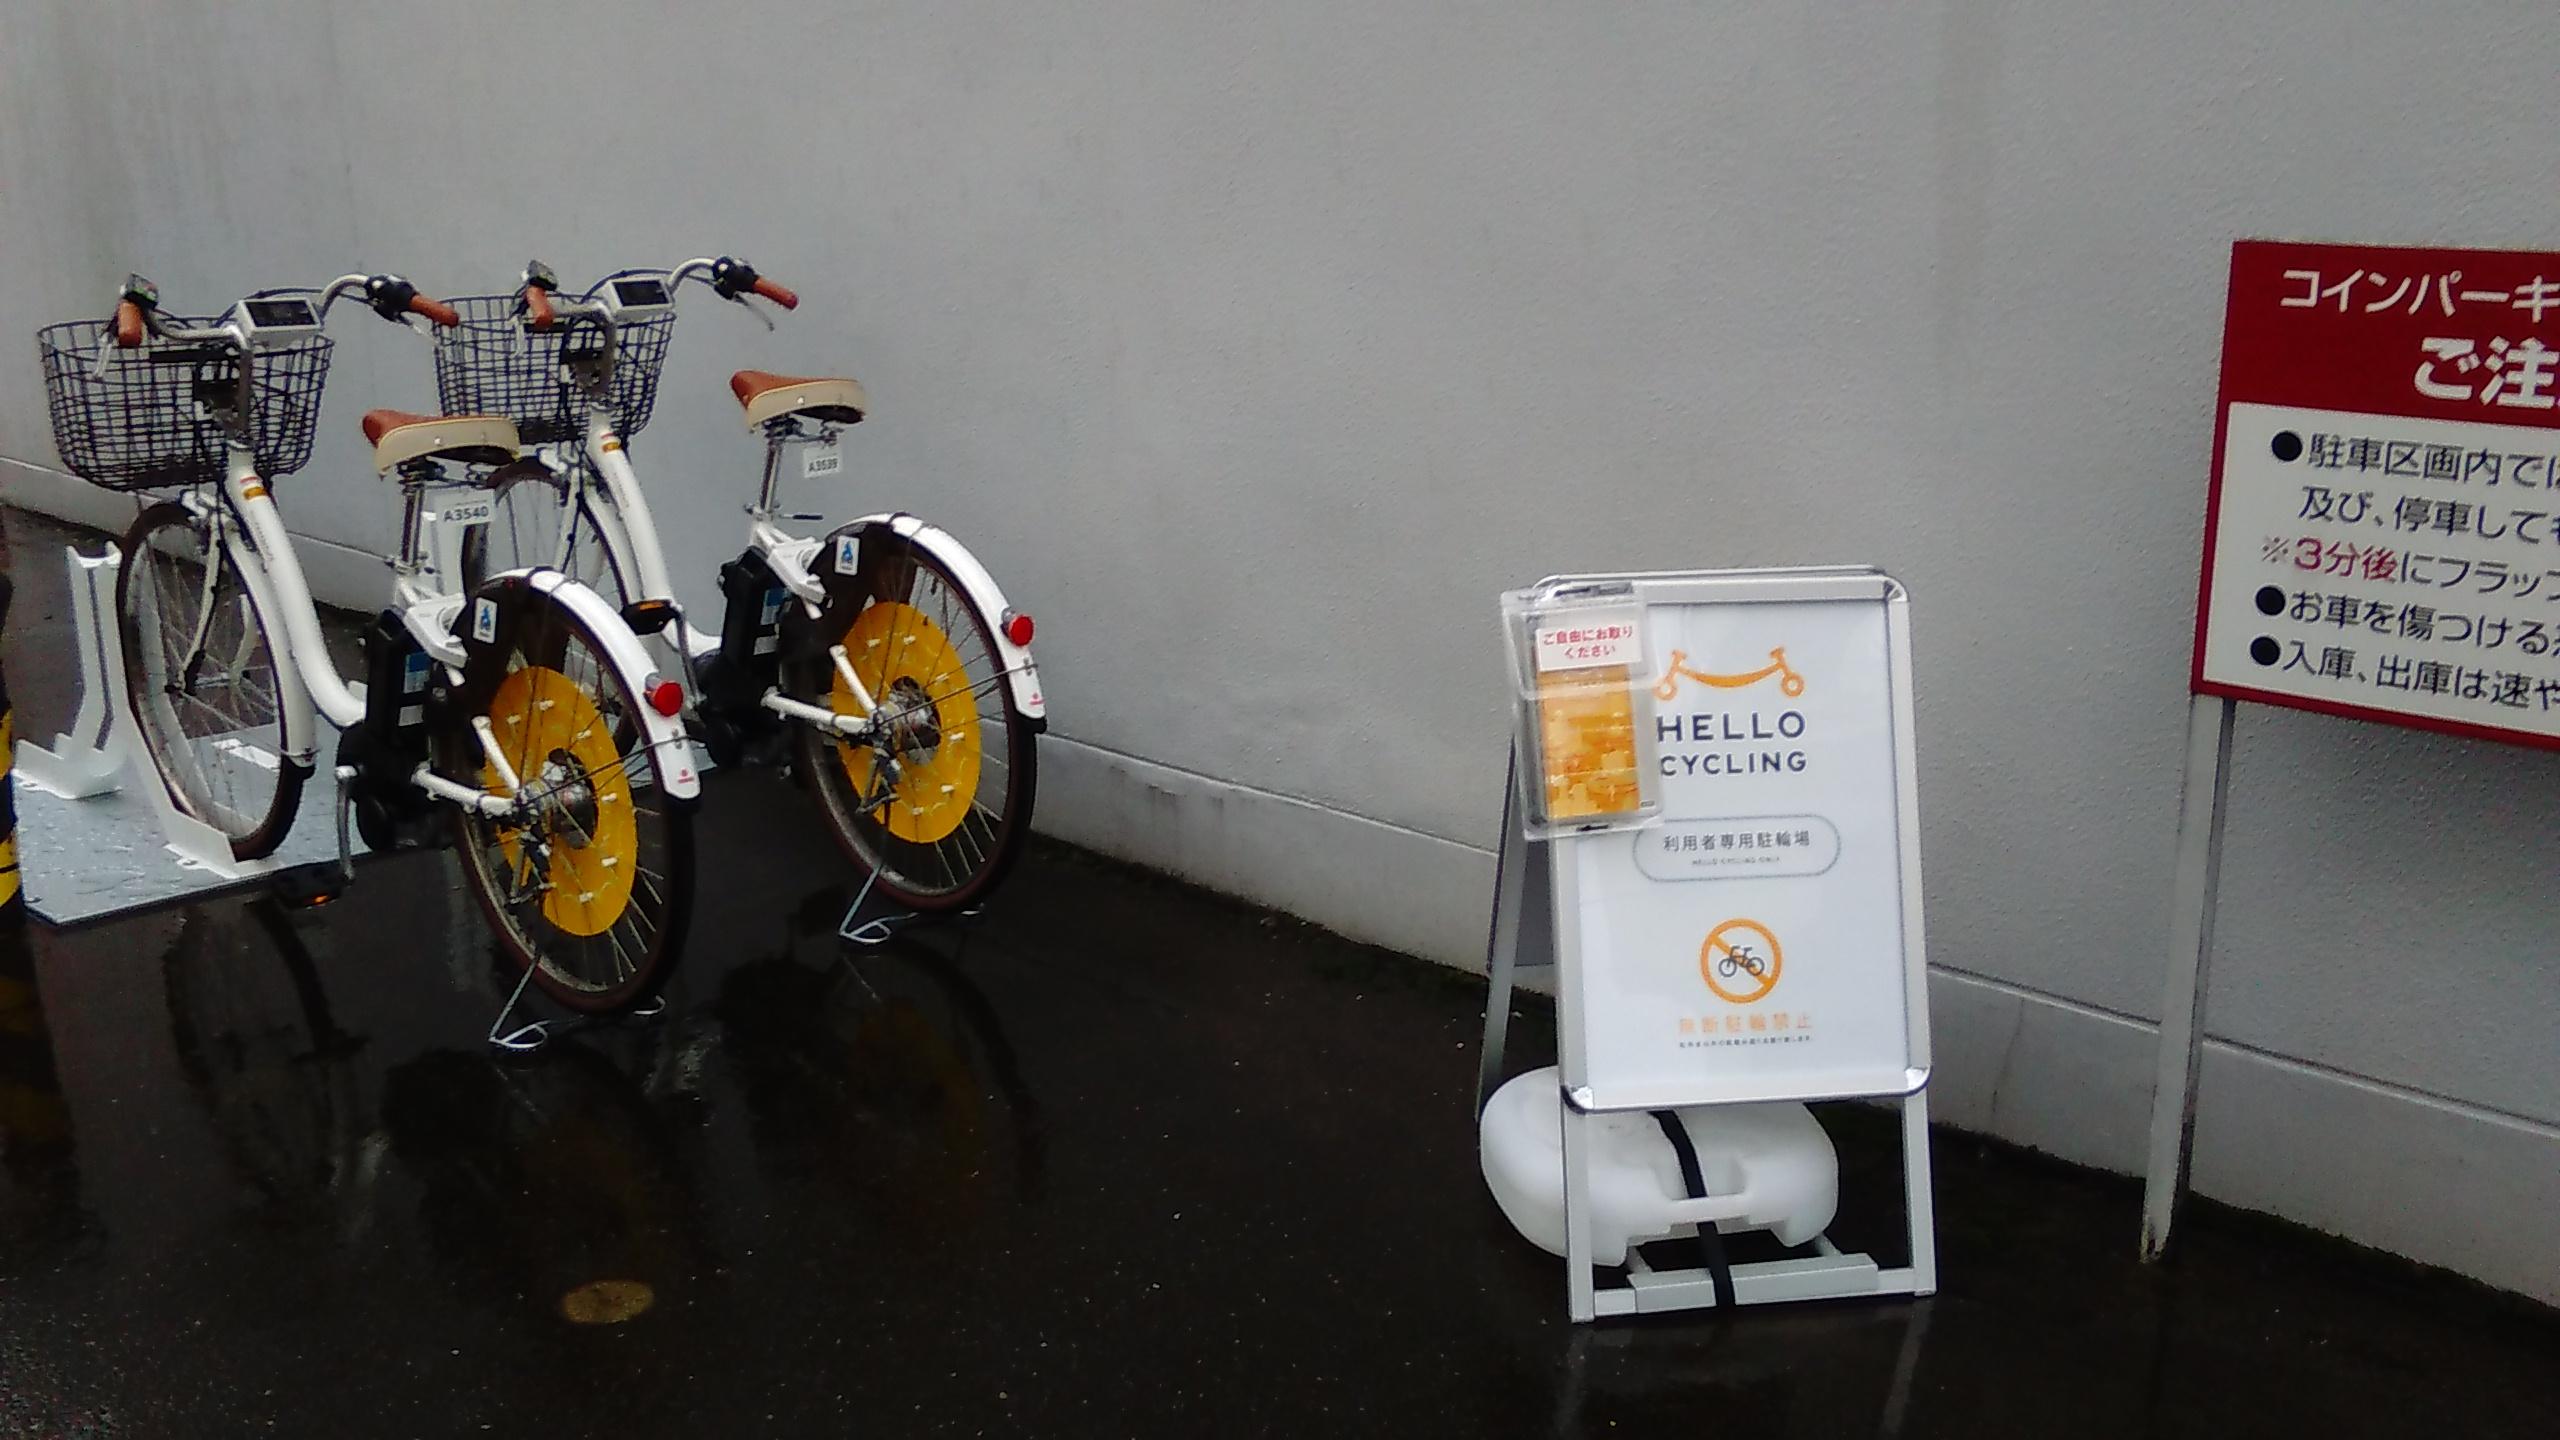 あなぶき井口町パーキング (HELLO CYCLING ポート) image